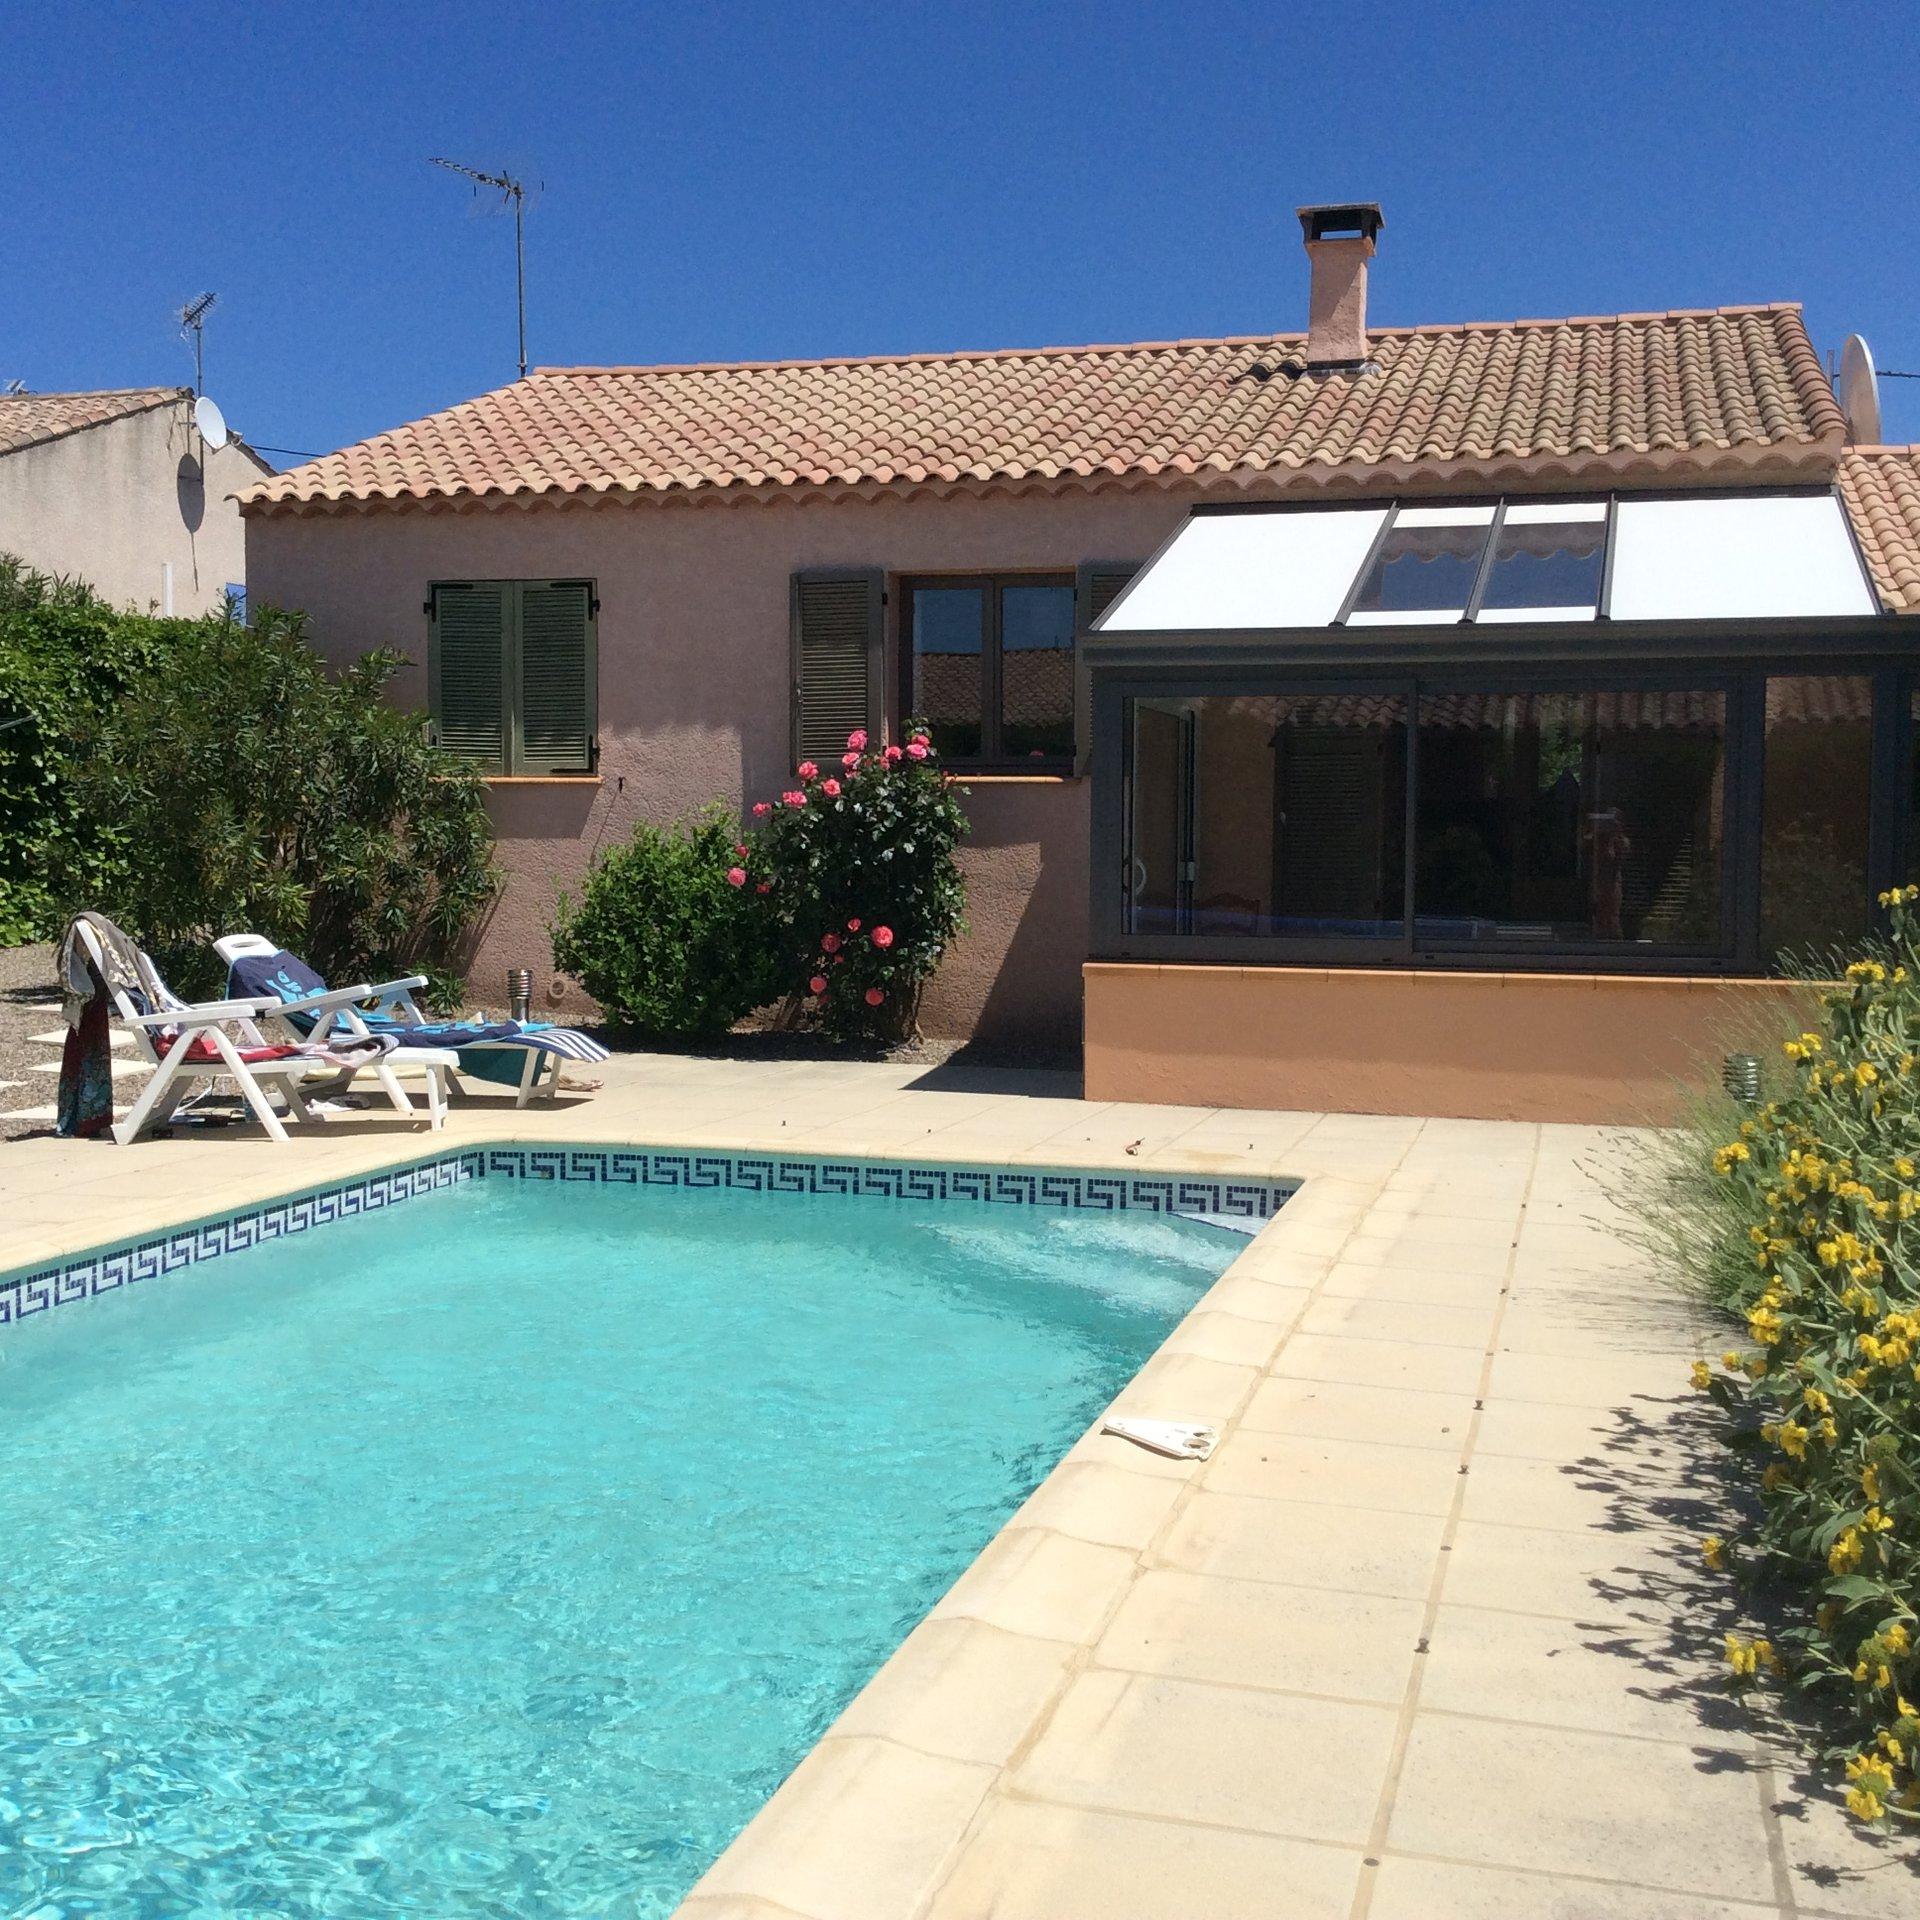 Villa de plein pied - 3 chambres, 2 salles d'eau, piscine